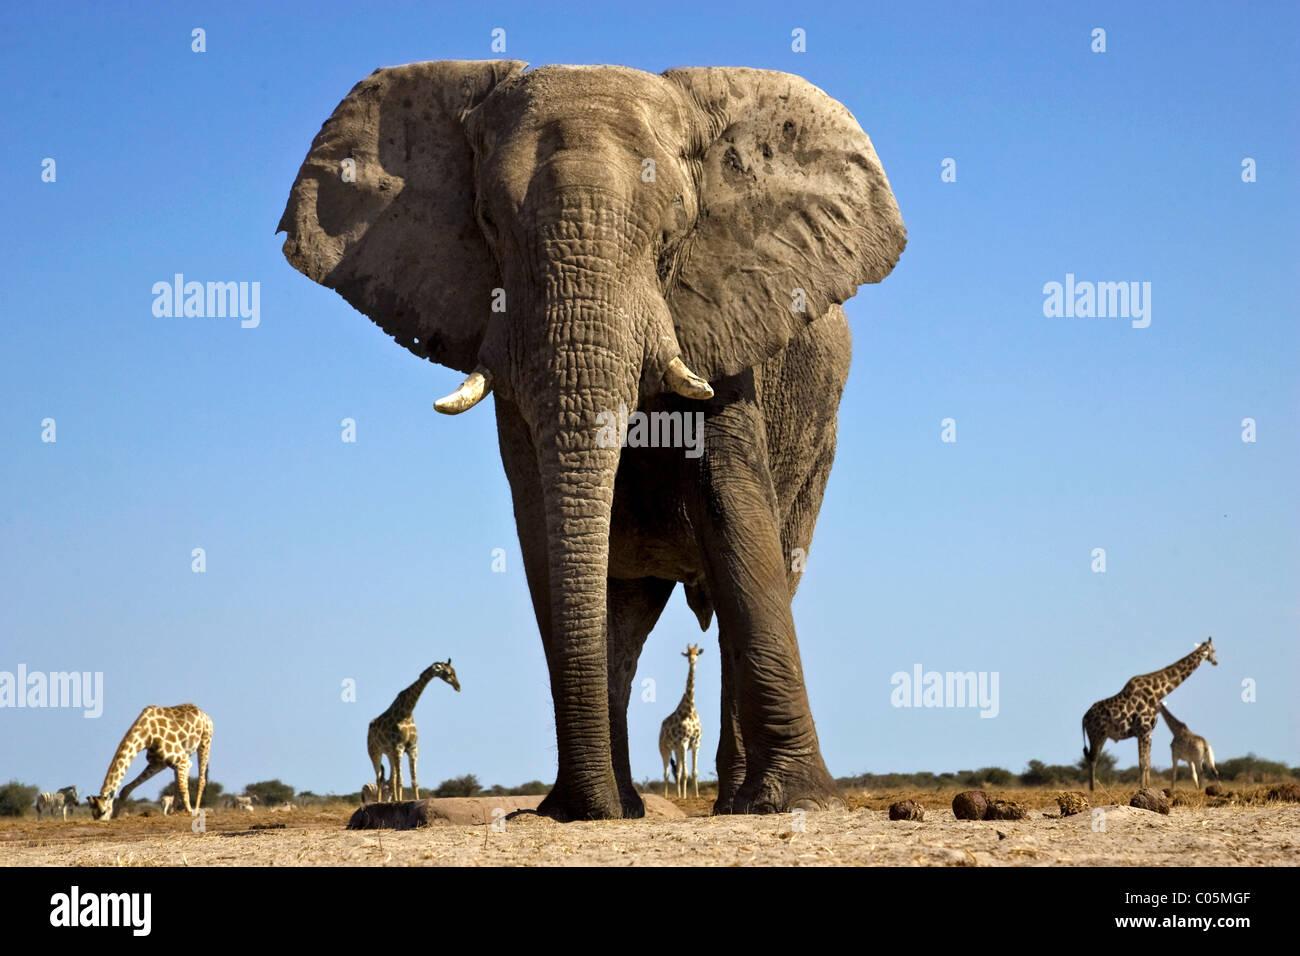 Elefantes y jirafas, el Parque Nacional de Etosha, Namibia Imagen De Stock